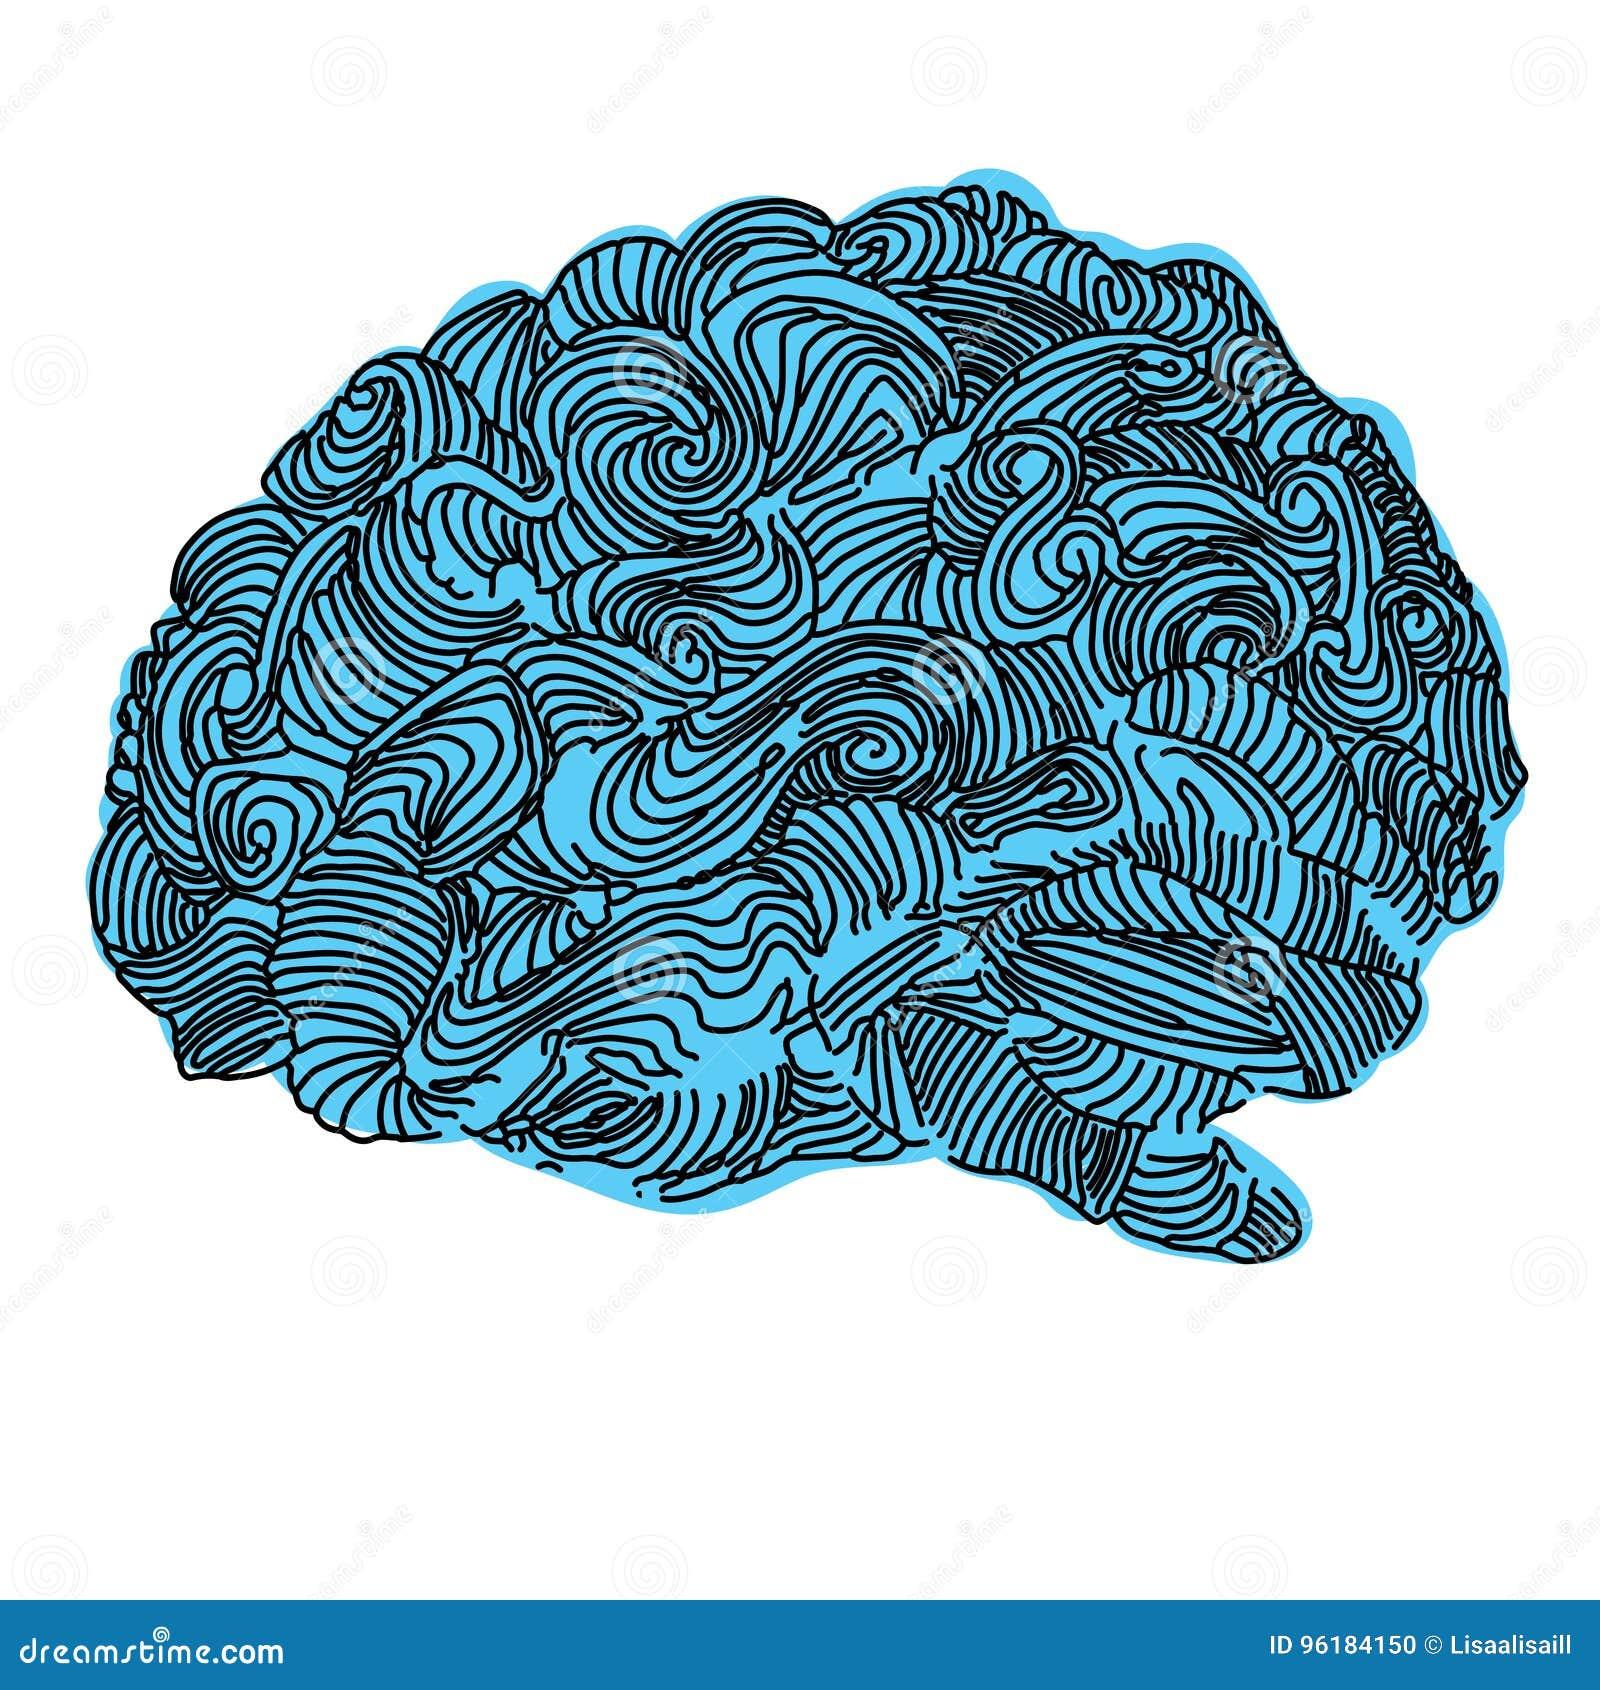 Brain Idea Illustration Concepto del vector del garabato sobre cerebro humano Ejemplo creativo